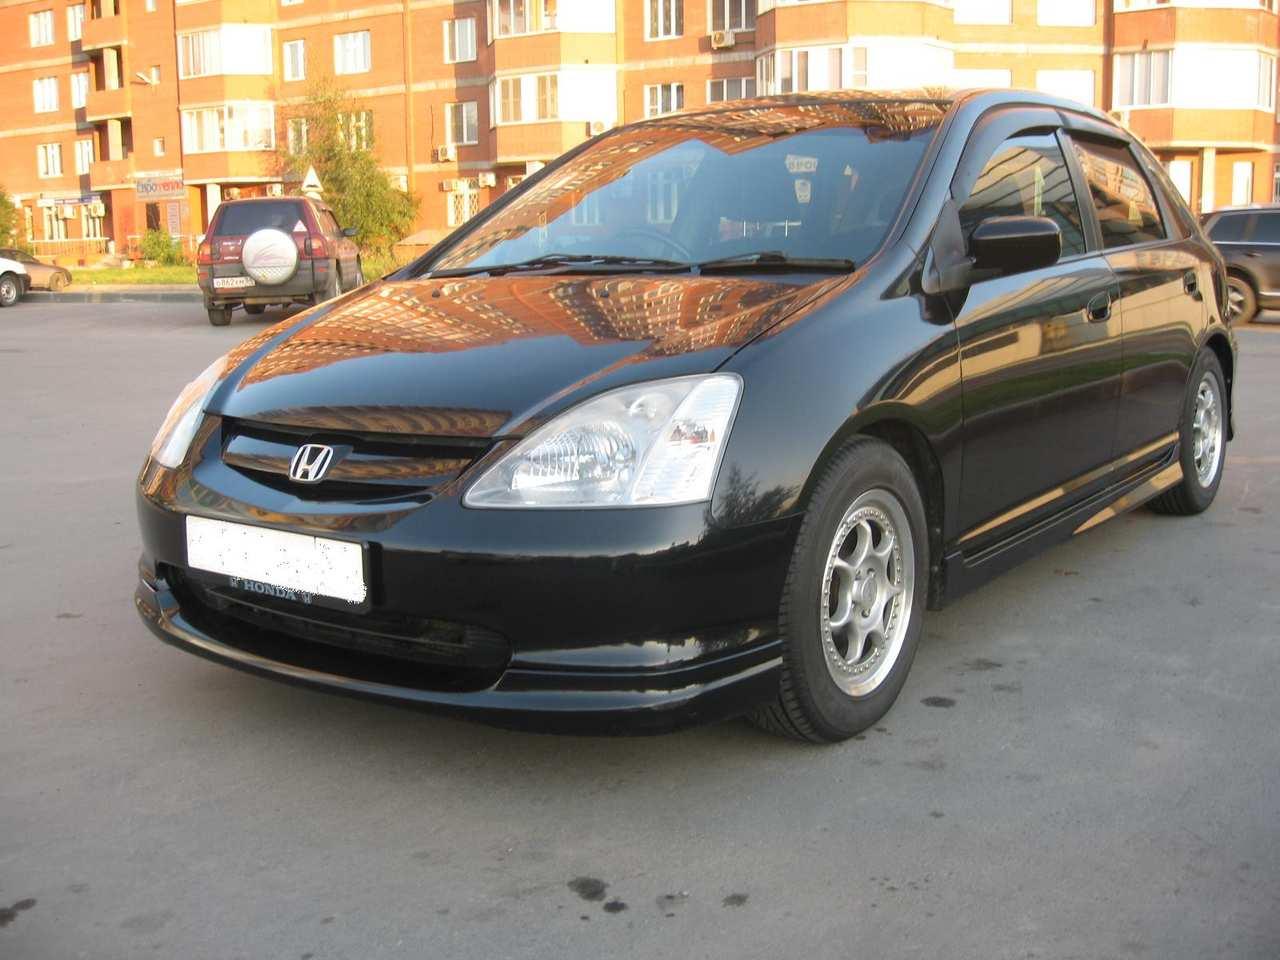 2001 honda civic photos 1 5 gasoline ff automatic for sale for Honda limp mode